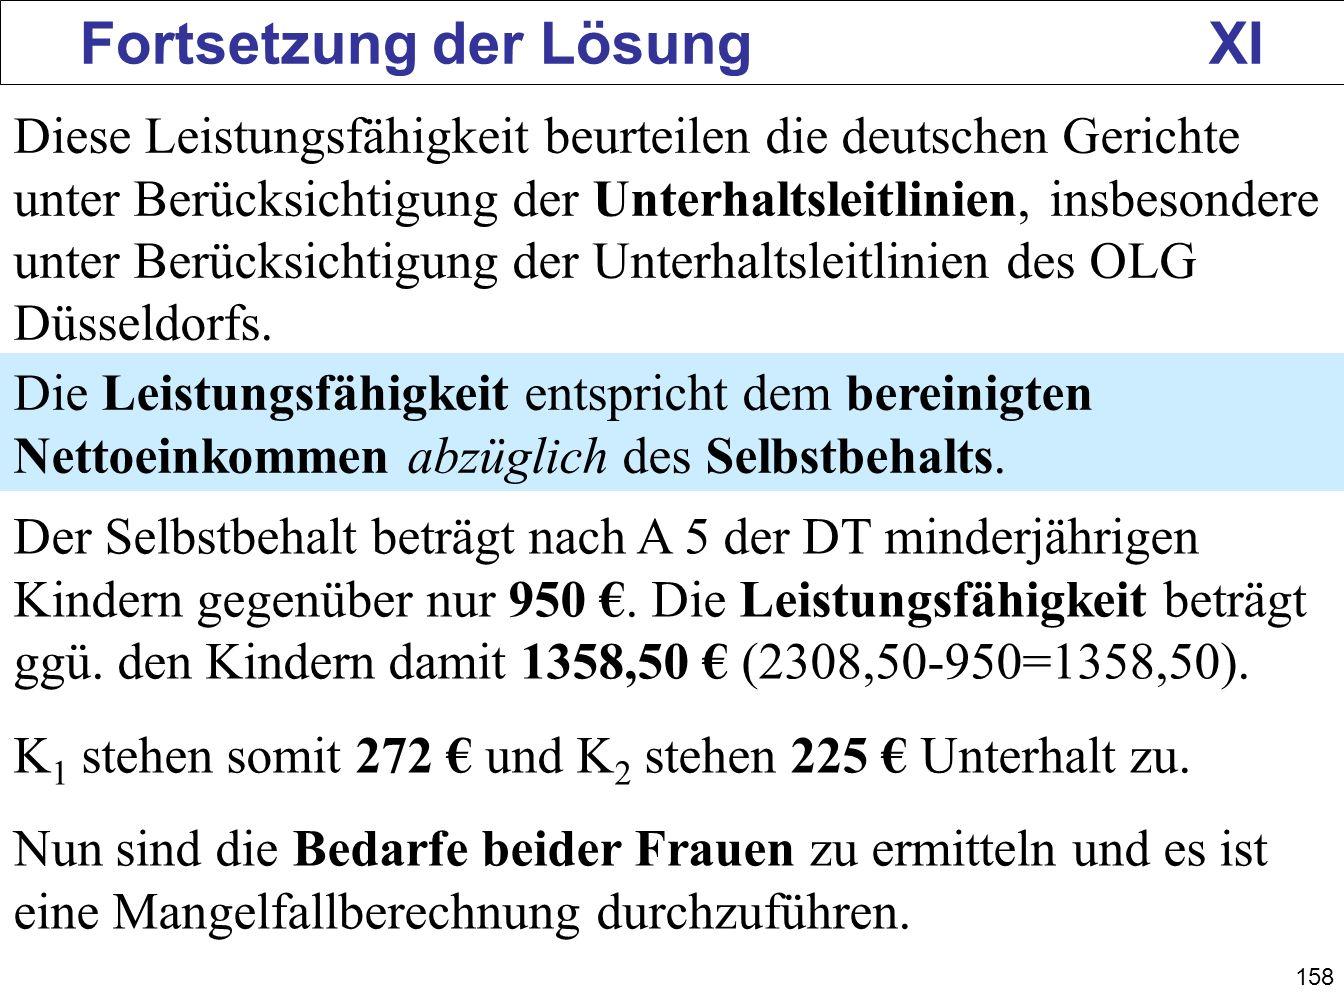 158 Fortsetzung der Lösung XI Diese Leistungsfähigkeit beurteilen die deutschen Gerichte unter Berücksichtigung der Unterhaltsleitlinien, insbesondere